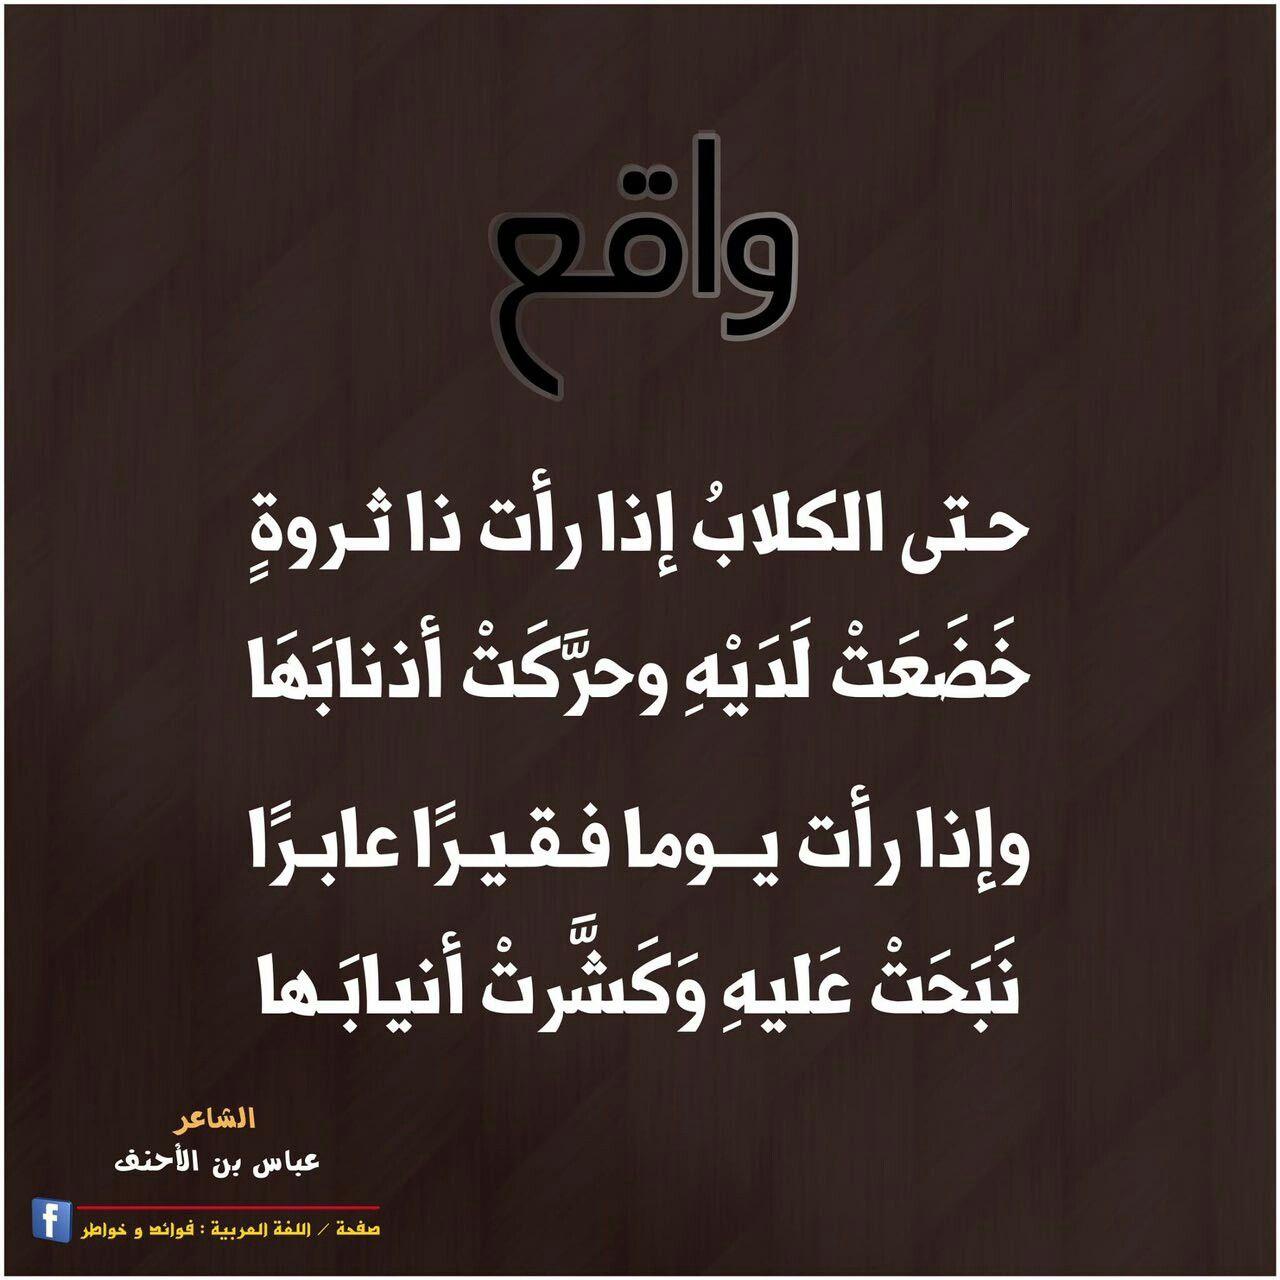 واقع شعر عباس بن الأحنف Poetry Math Arabic Calligraphy